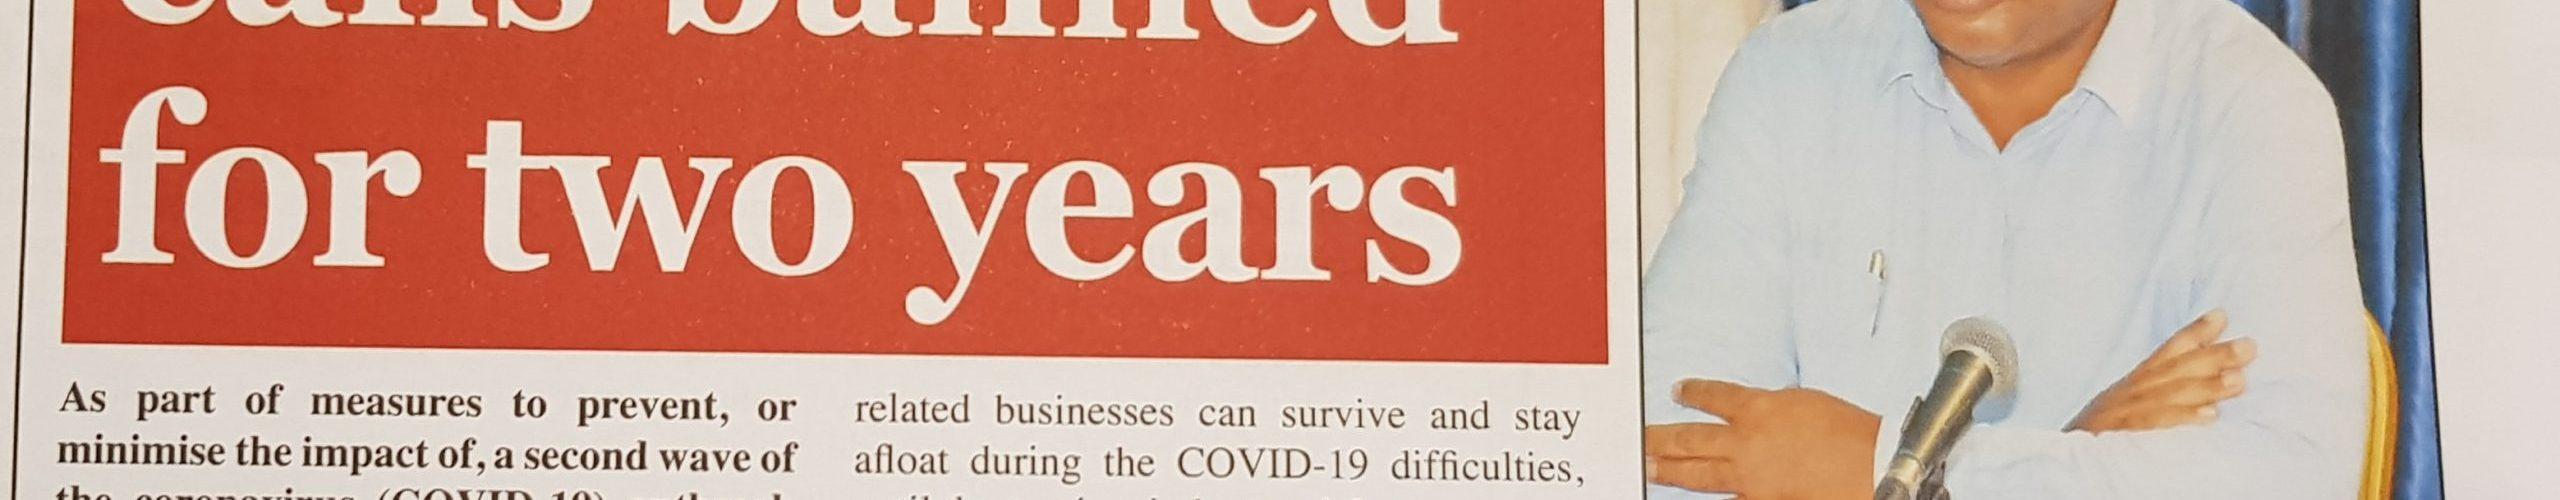 Voarara nandritra ny roa taona ny sambo fitsangantsanganana mba tsy hitrangan'ny valan'aretina COVID-19 faharoa